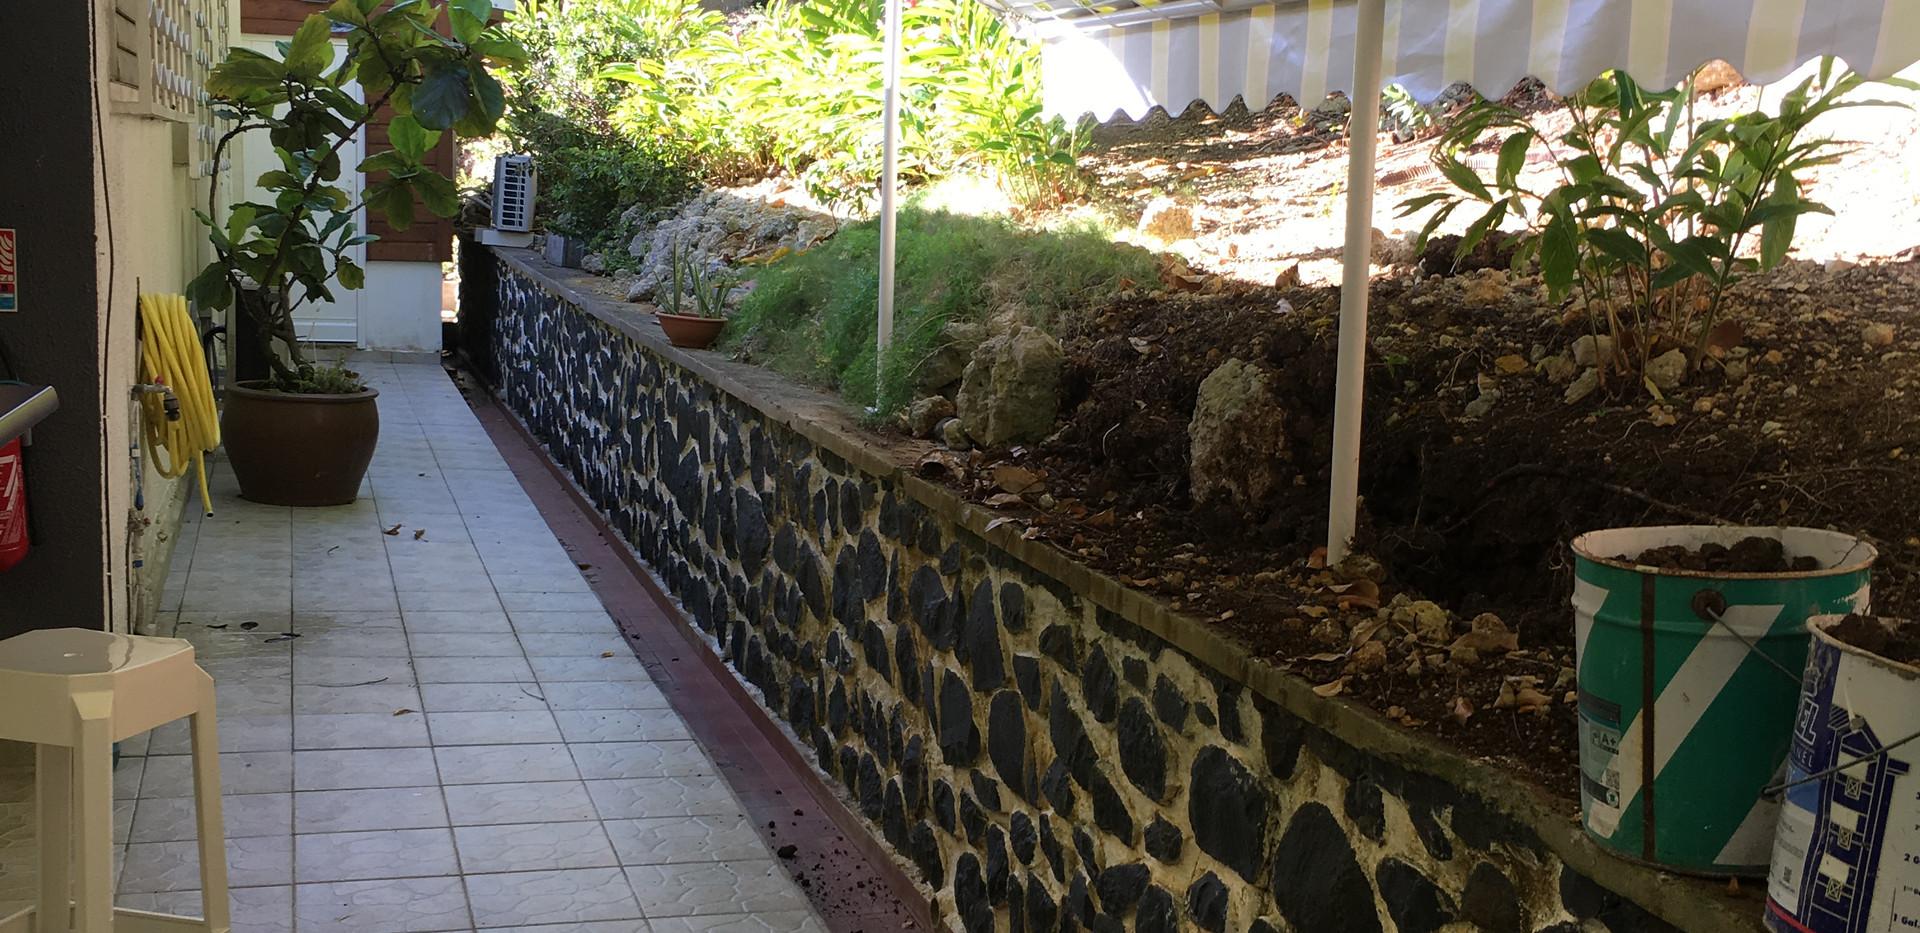 Travaux de cloture ESO BTP - Travaux de construction et rénovation - Guadeloupe